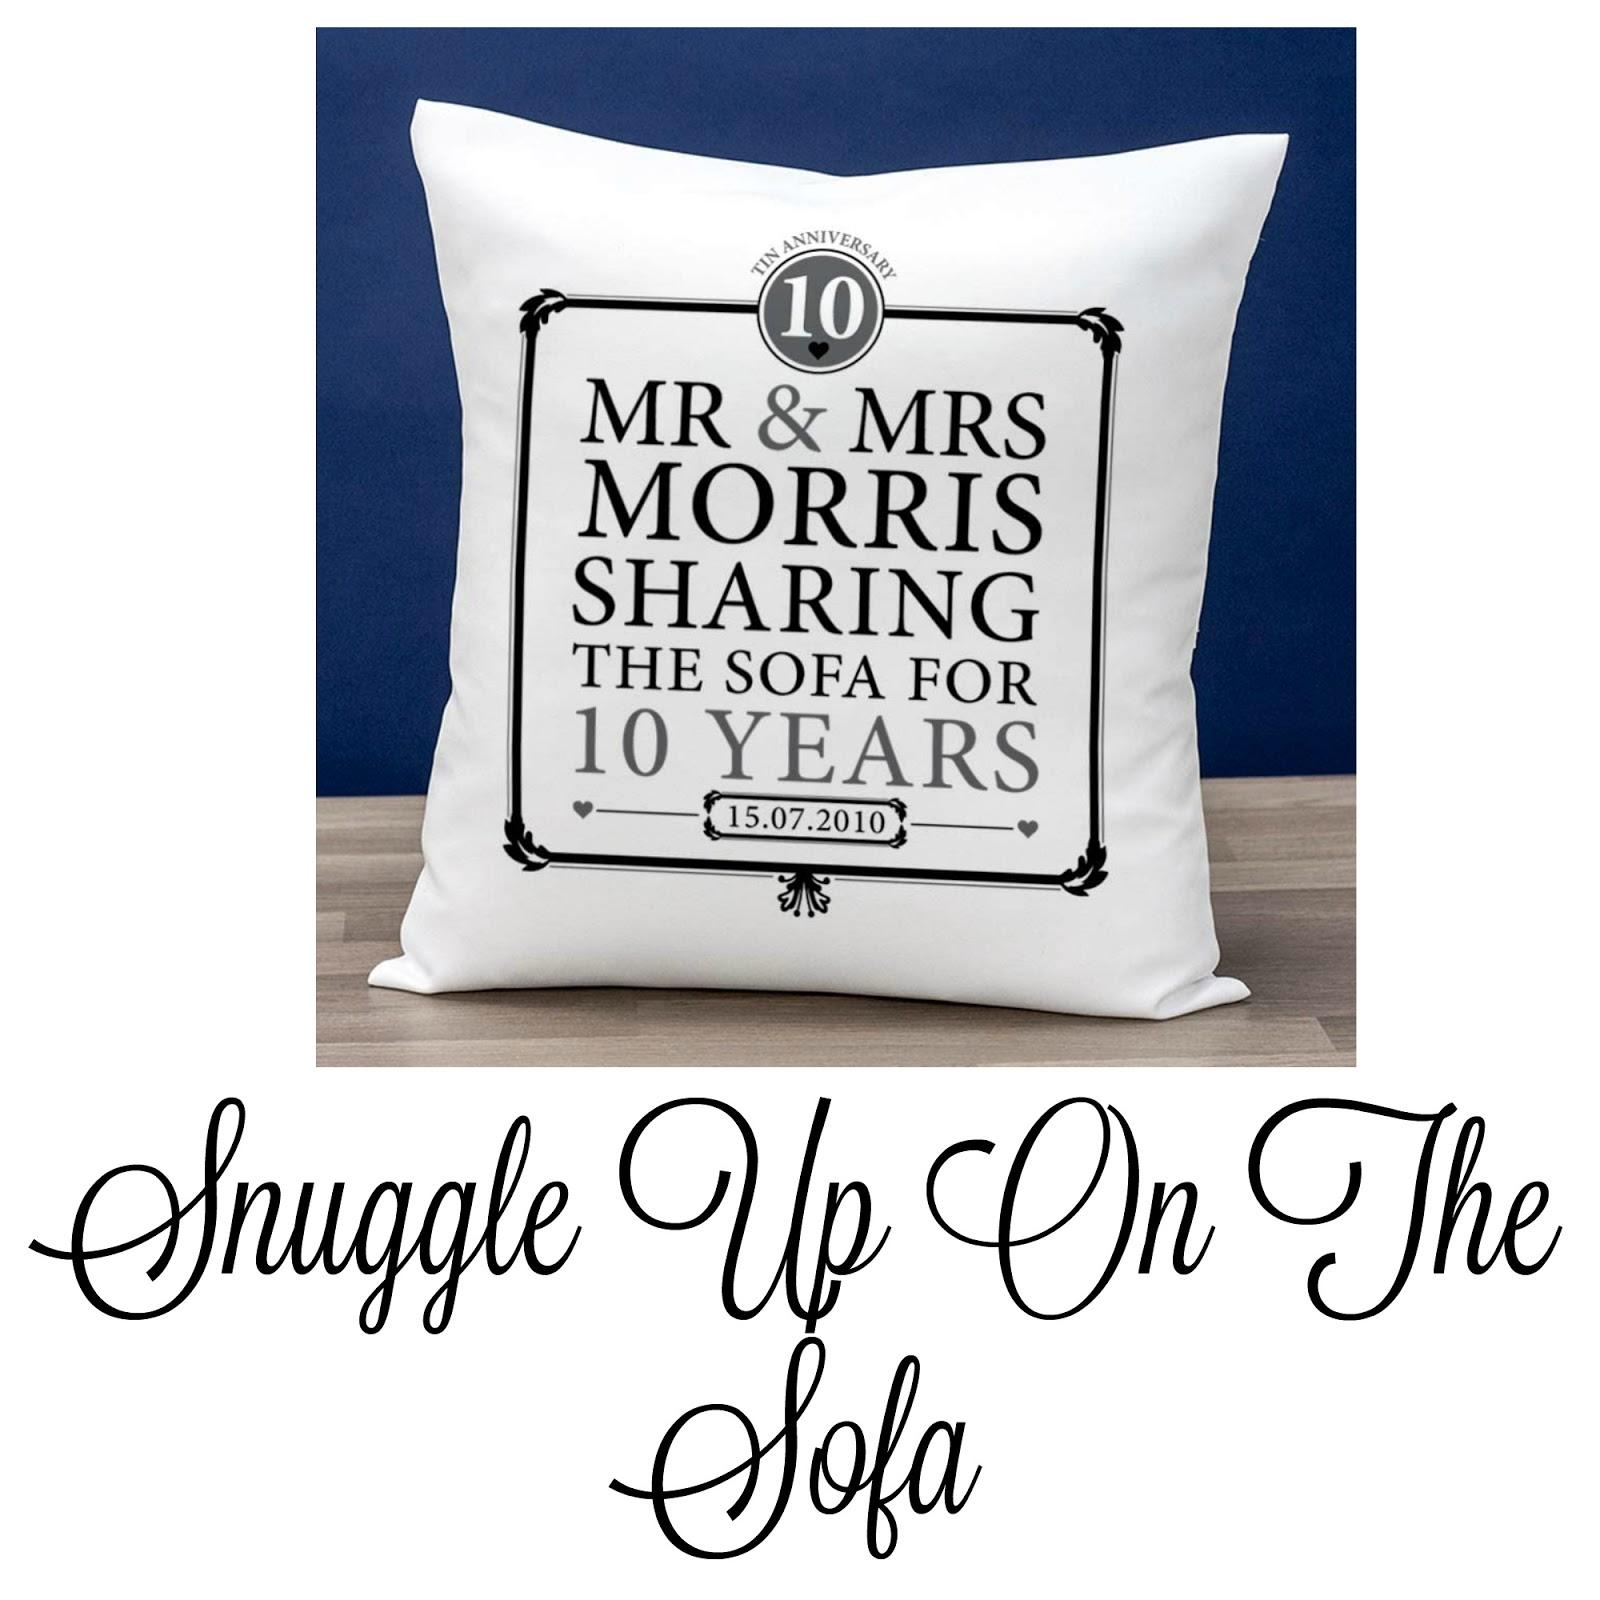 a 10th anniversary sofa cushion